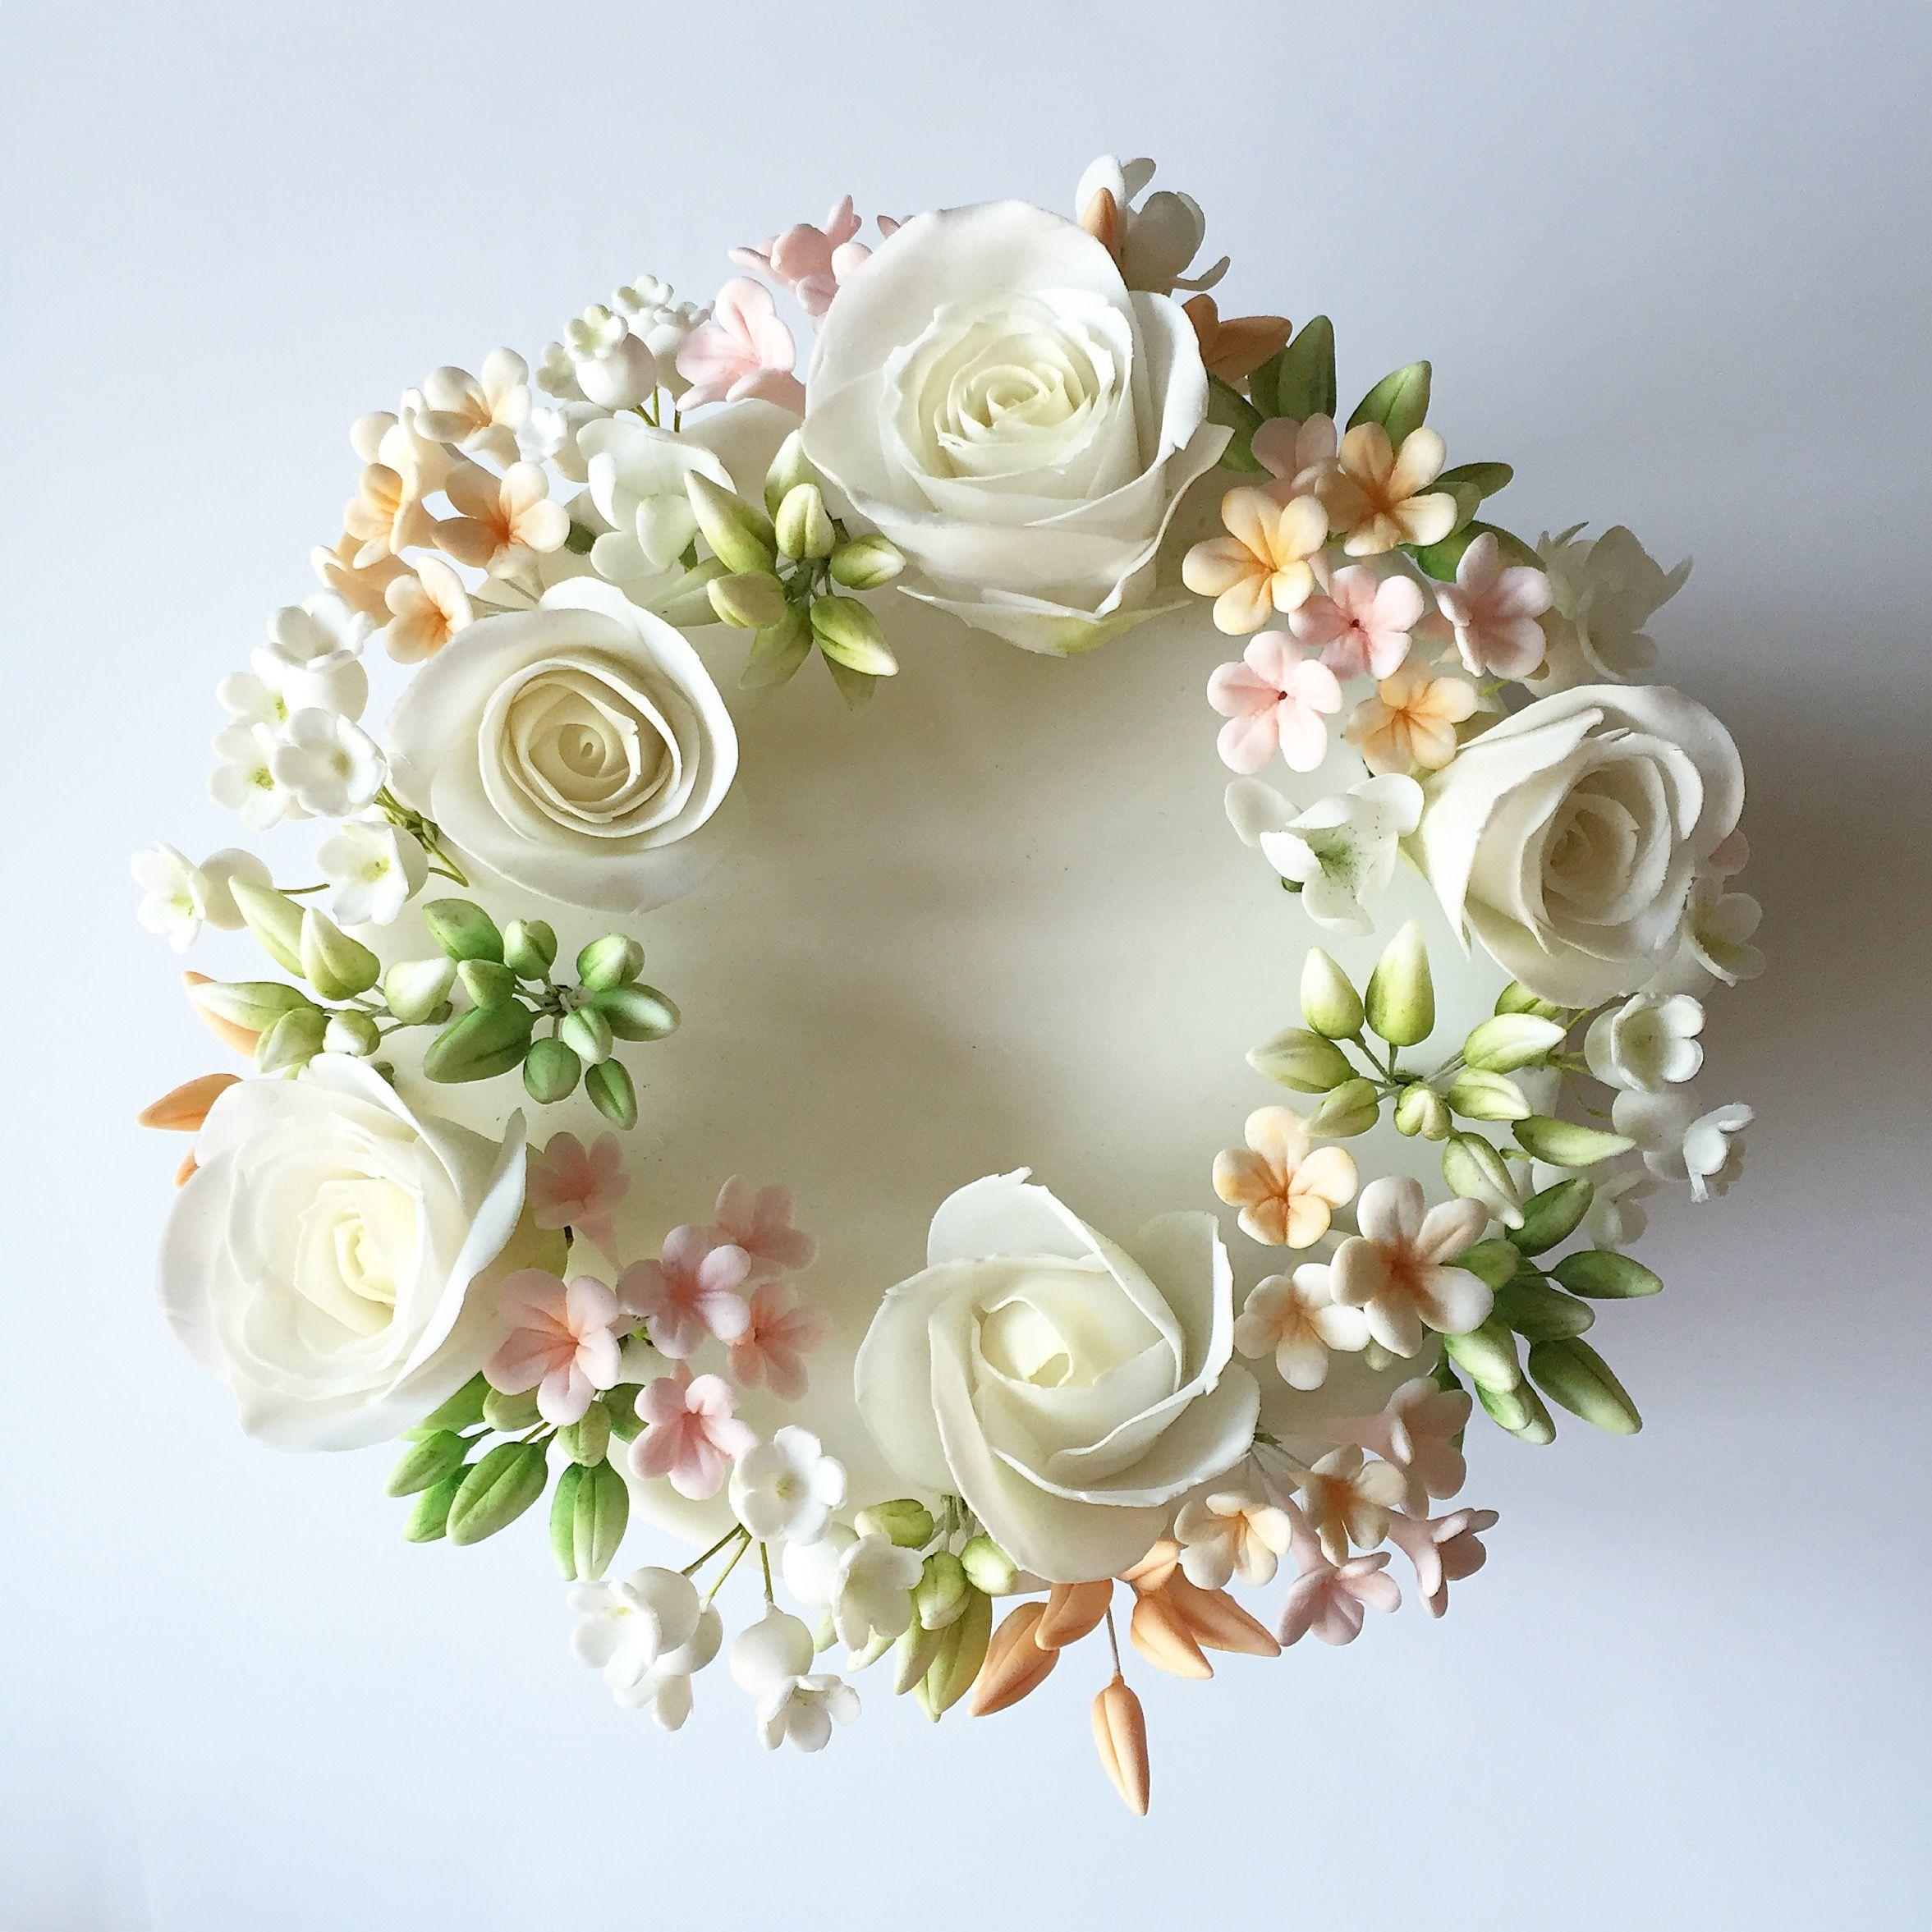 Wedding Cake Sugar Flowers: Sugar Flower Wreath On Top Of A Single Tier Wedding Cake